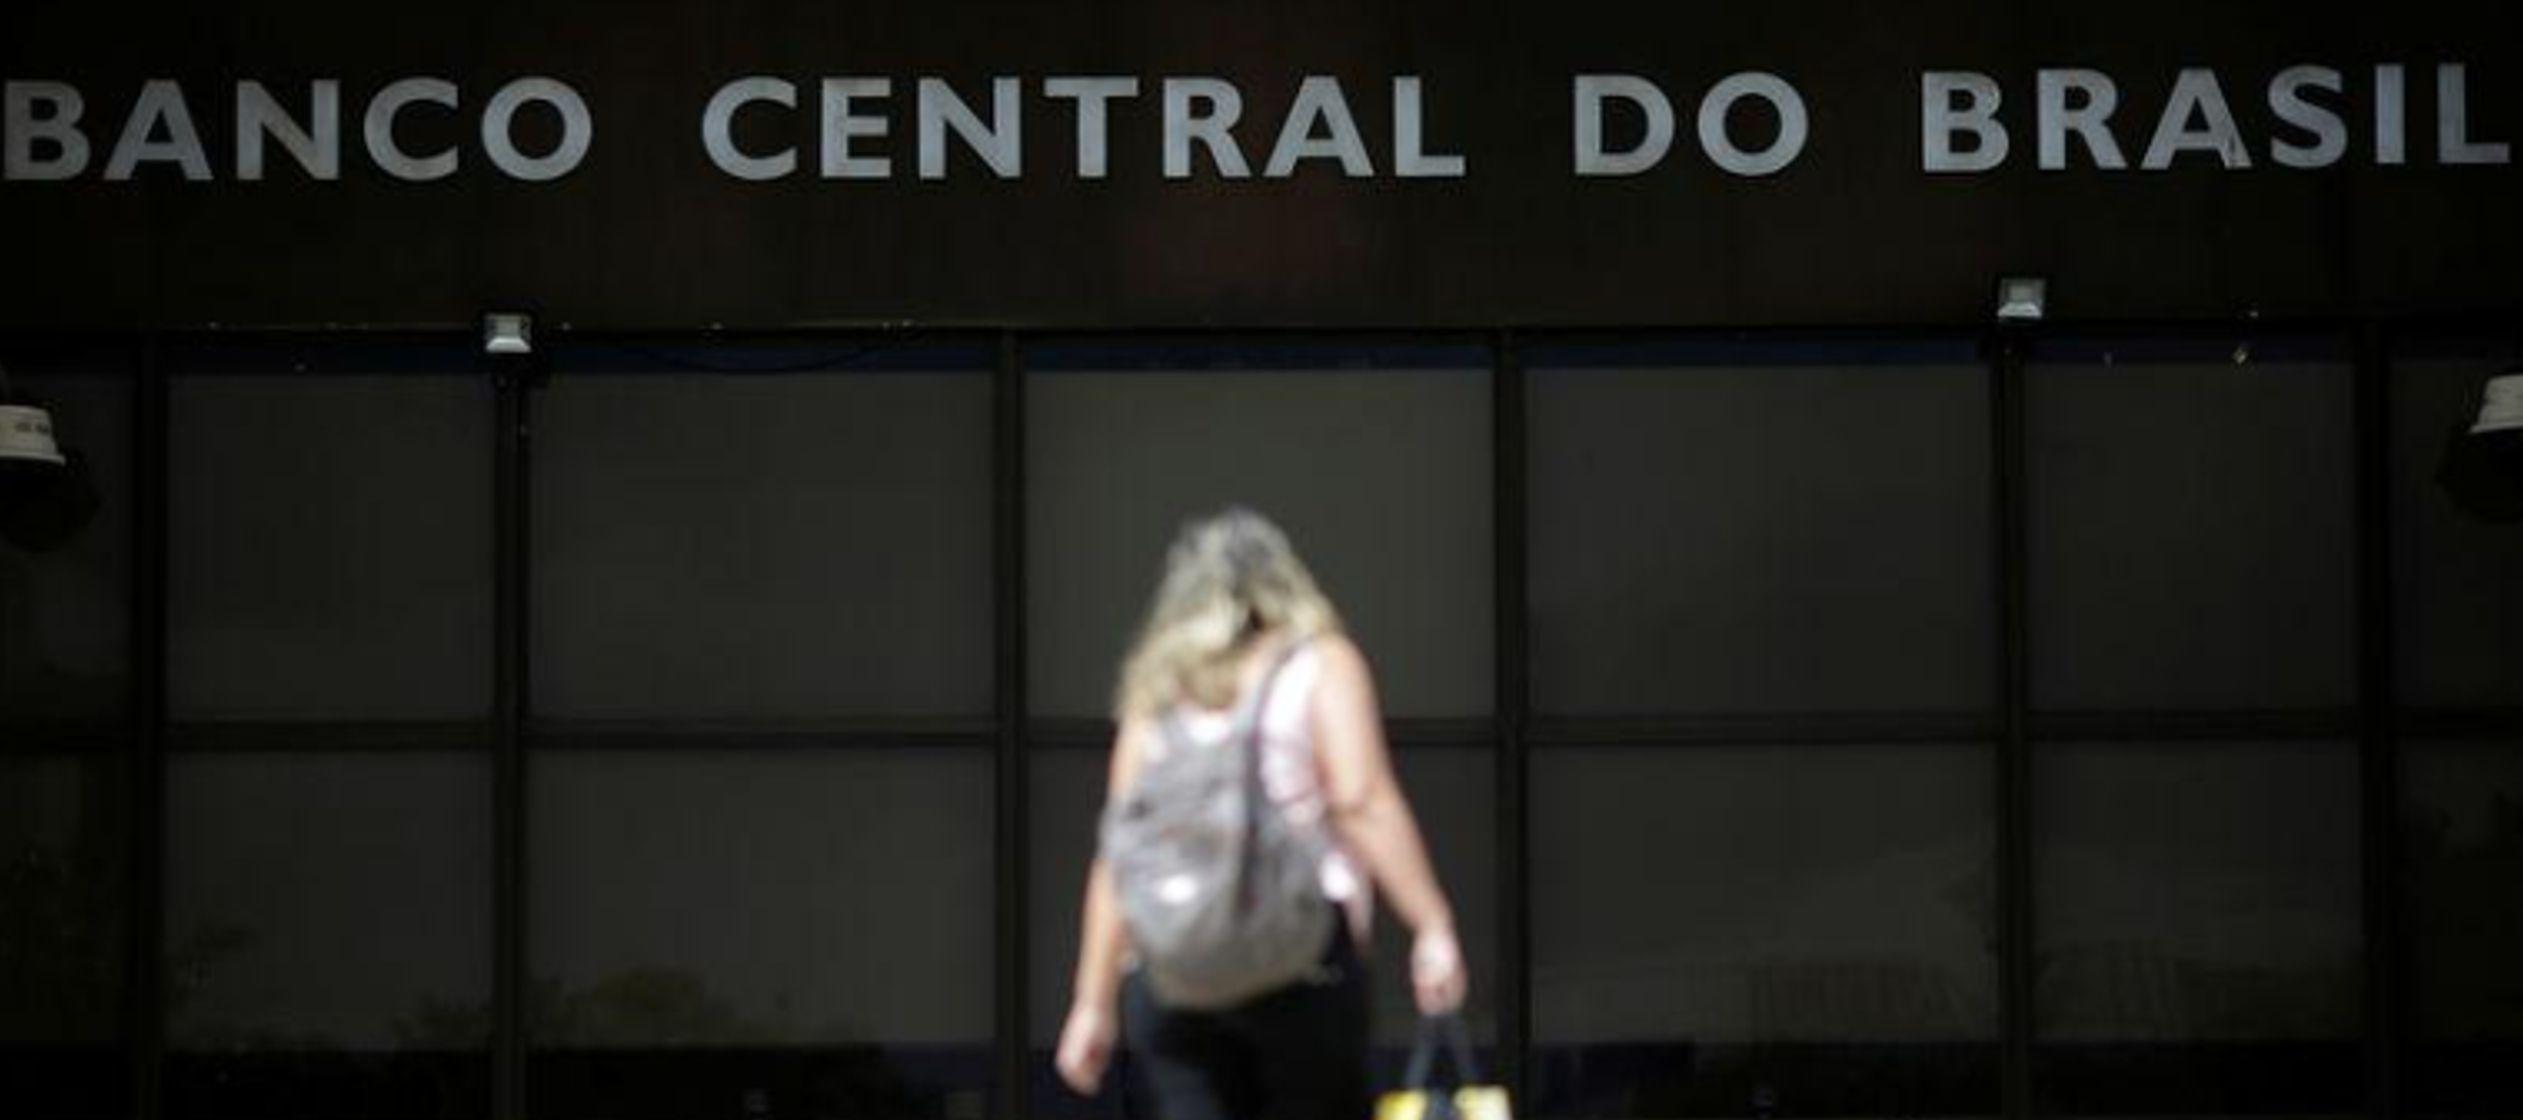 Banco Central de Brasil mantiene tasas en mínimo histórico, sugiere ralentización en alzas